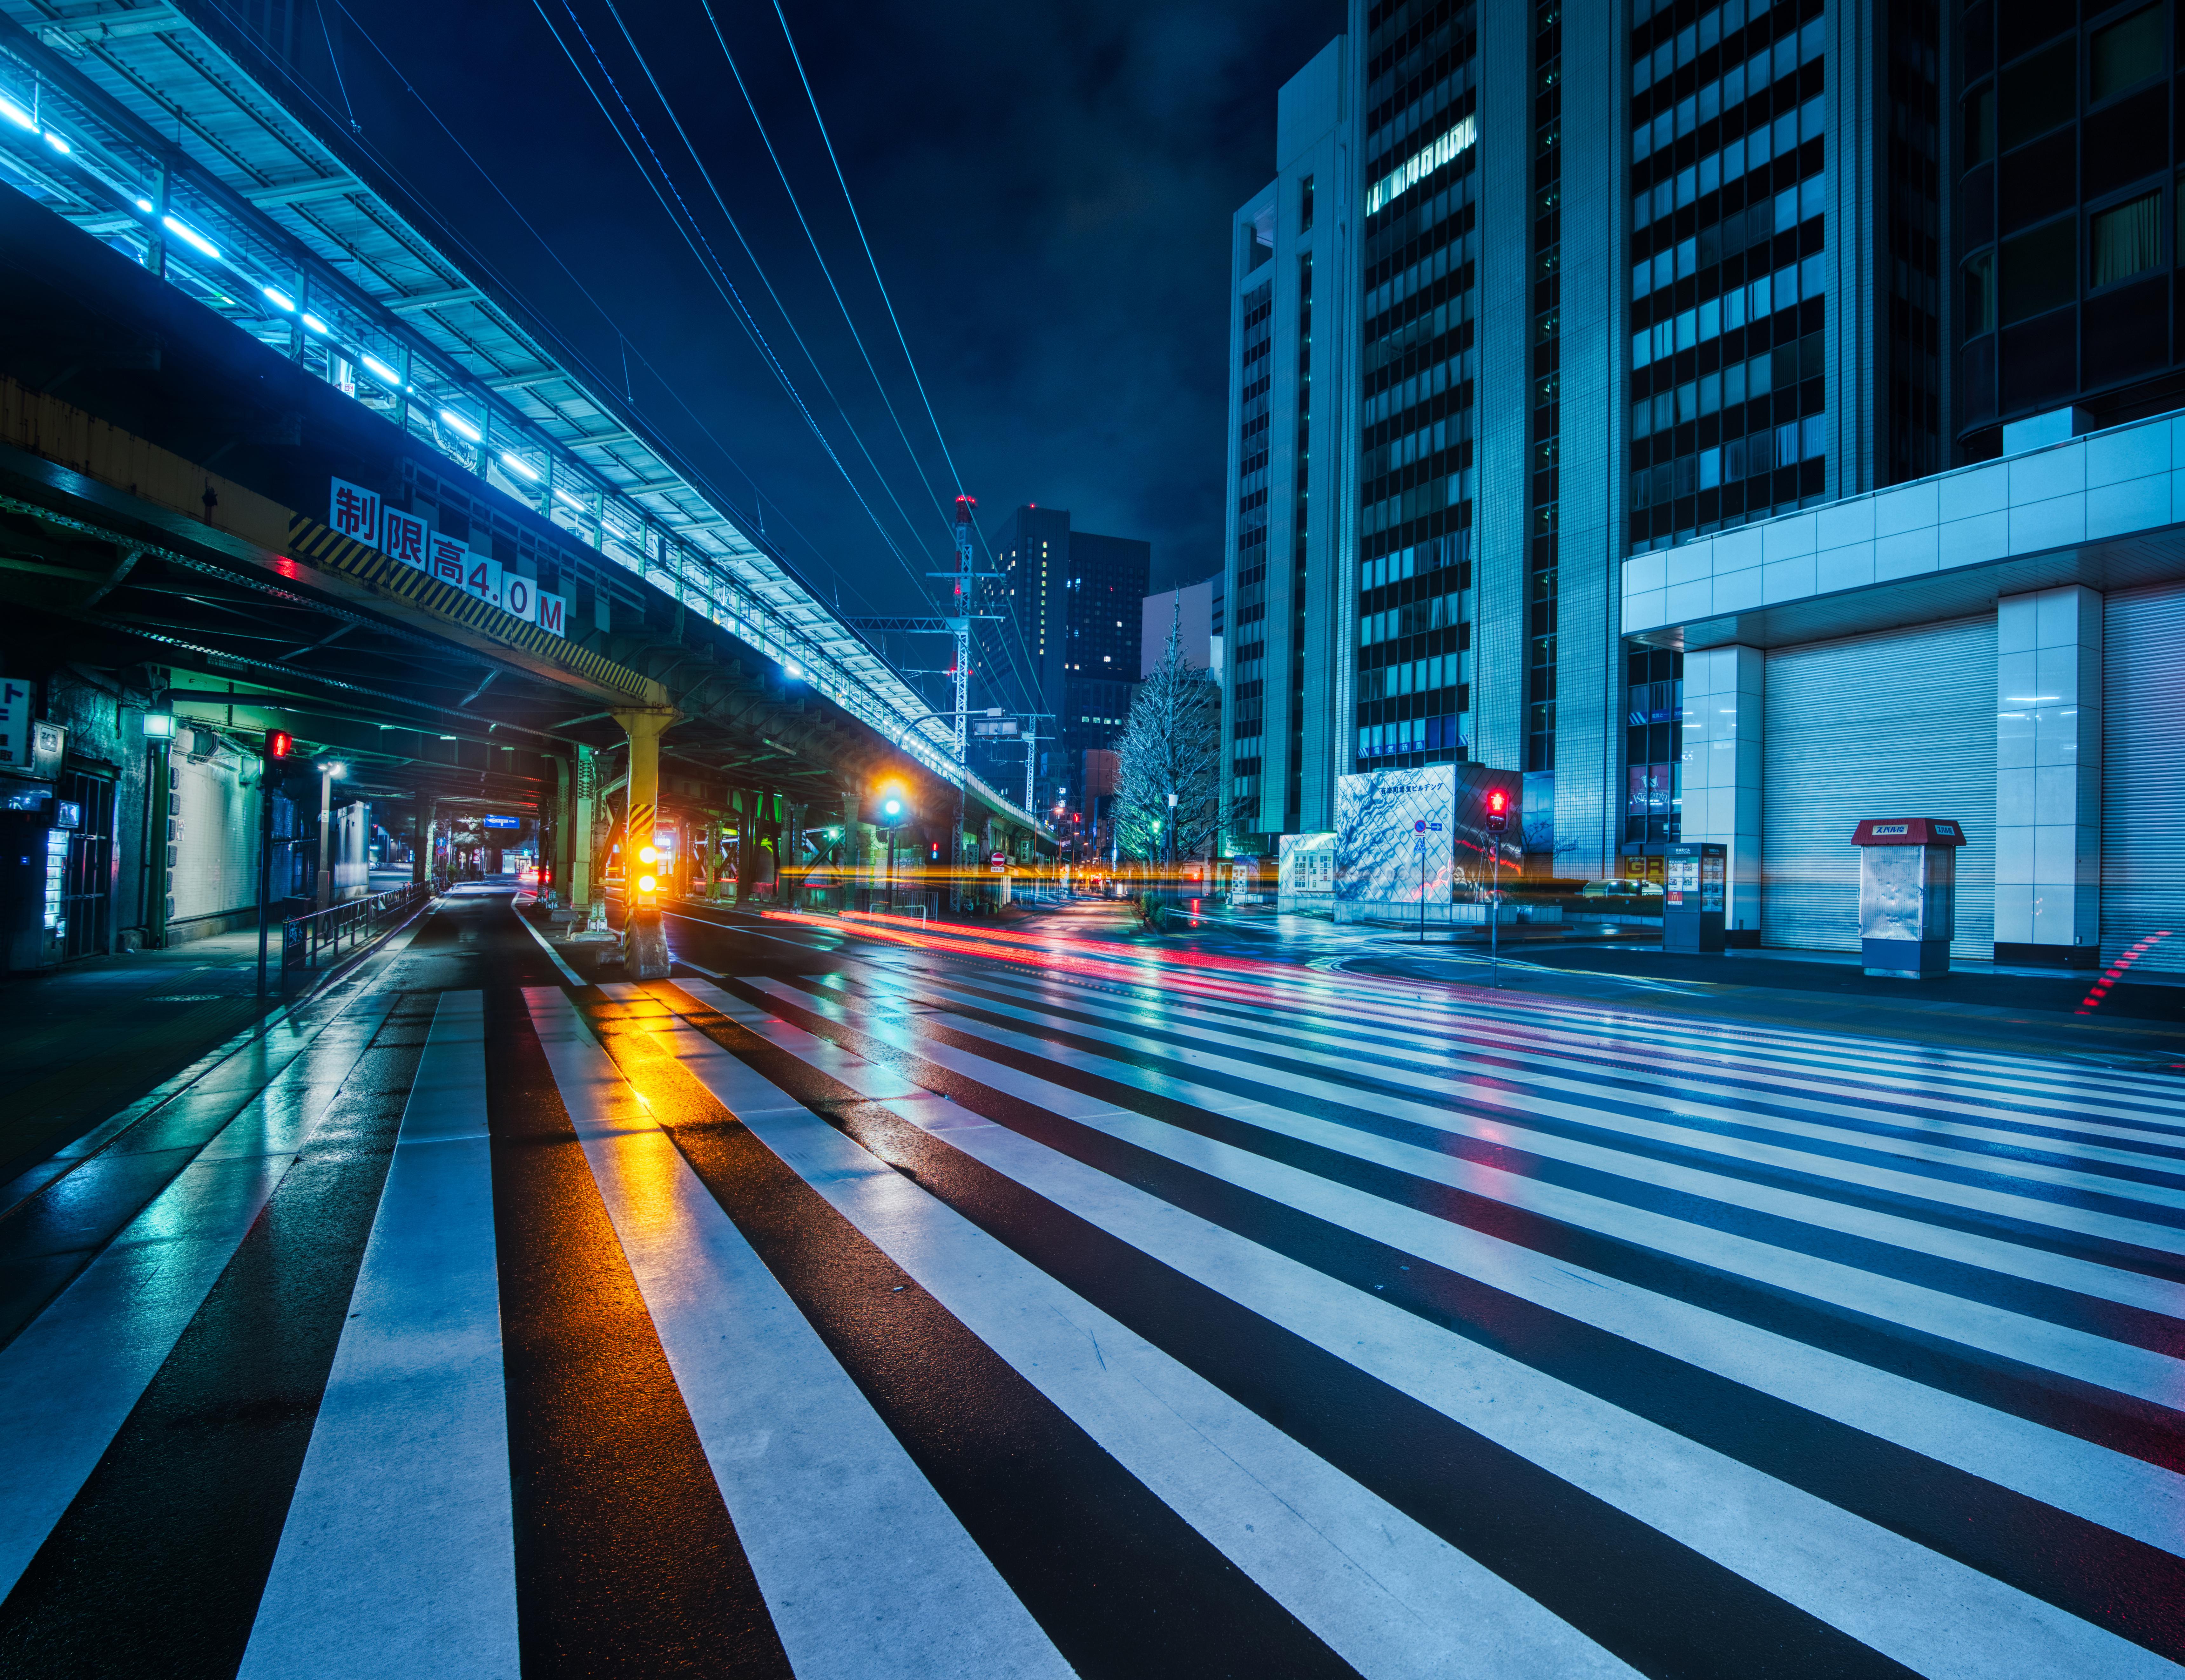 ginza tokyo around midnight 4k 1602353876 - Ginza Tokyo Around Midnight 4k - Ginza Tokyo Around Midnight 4k wallpapers